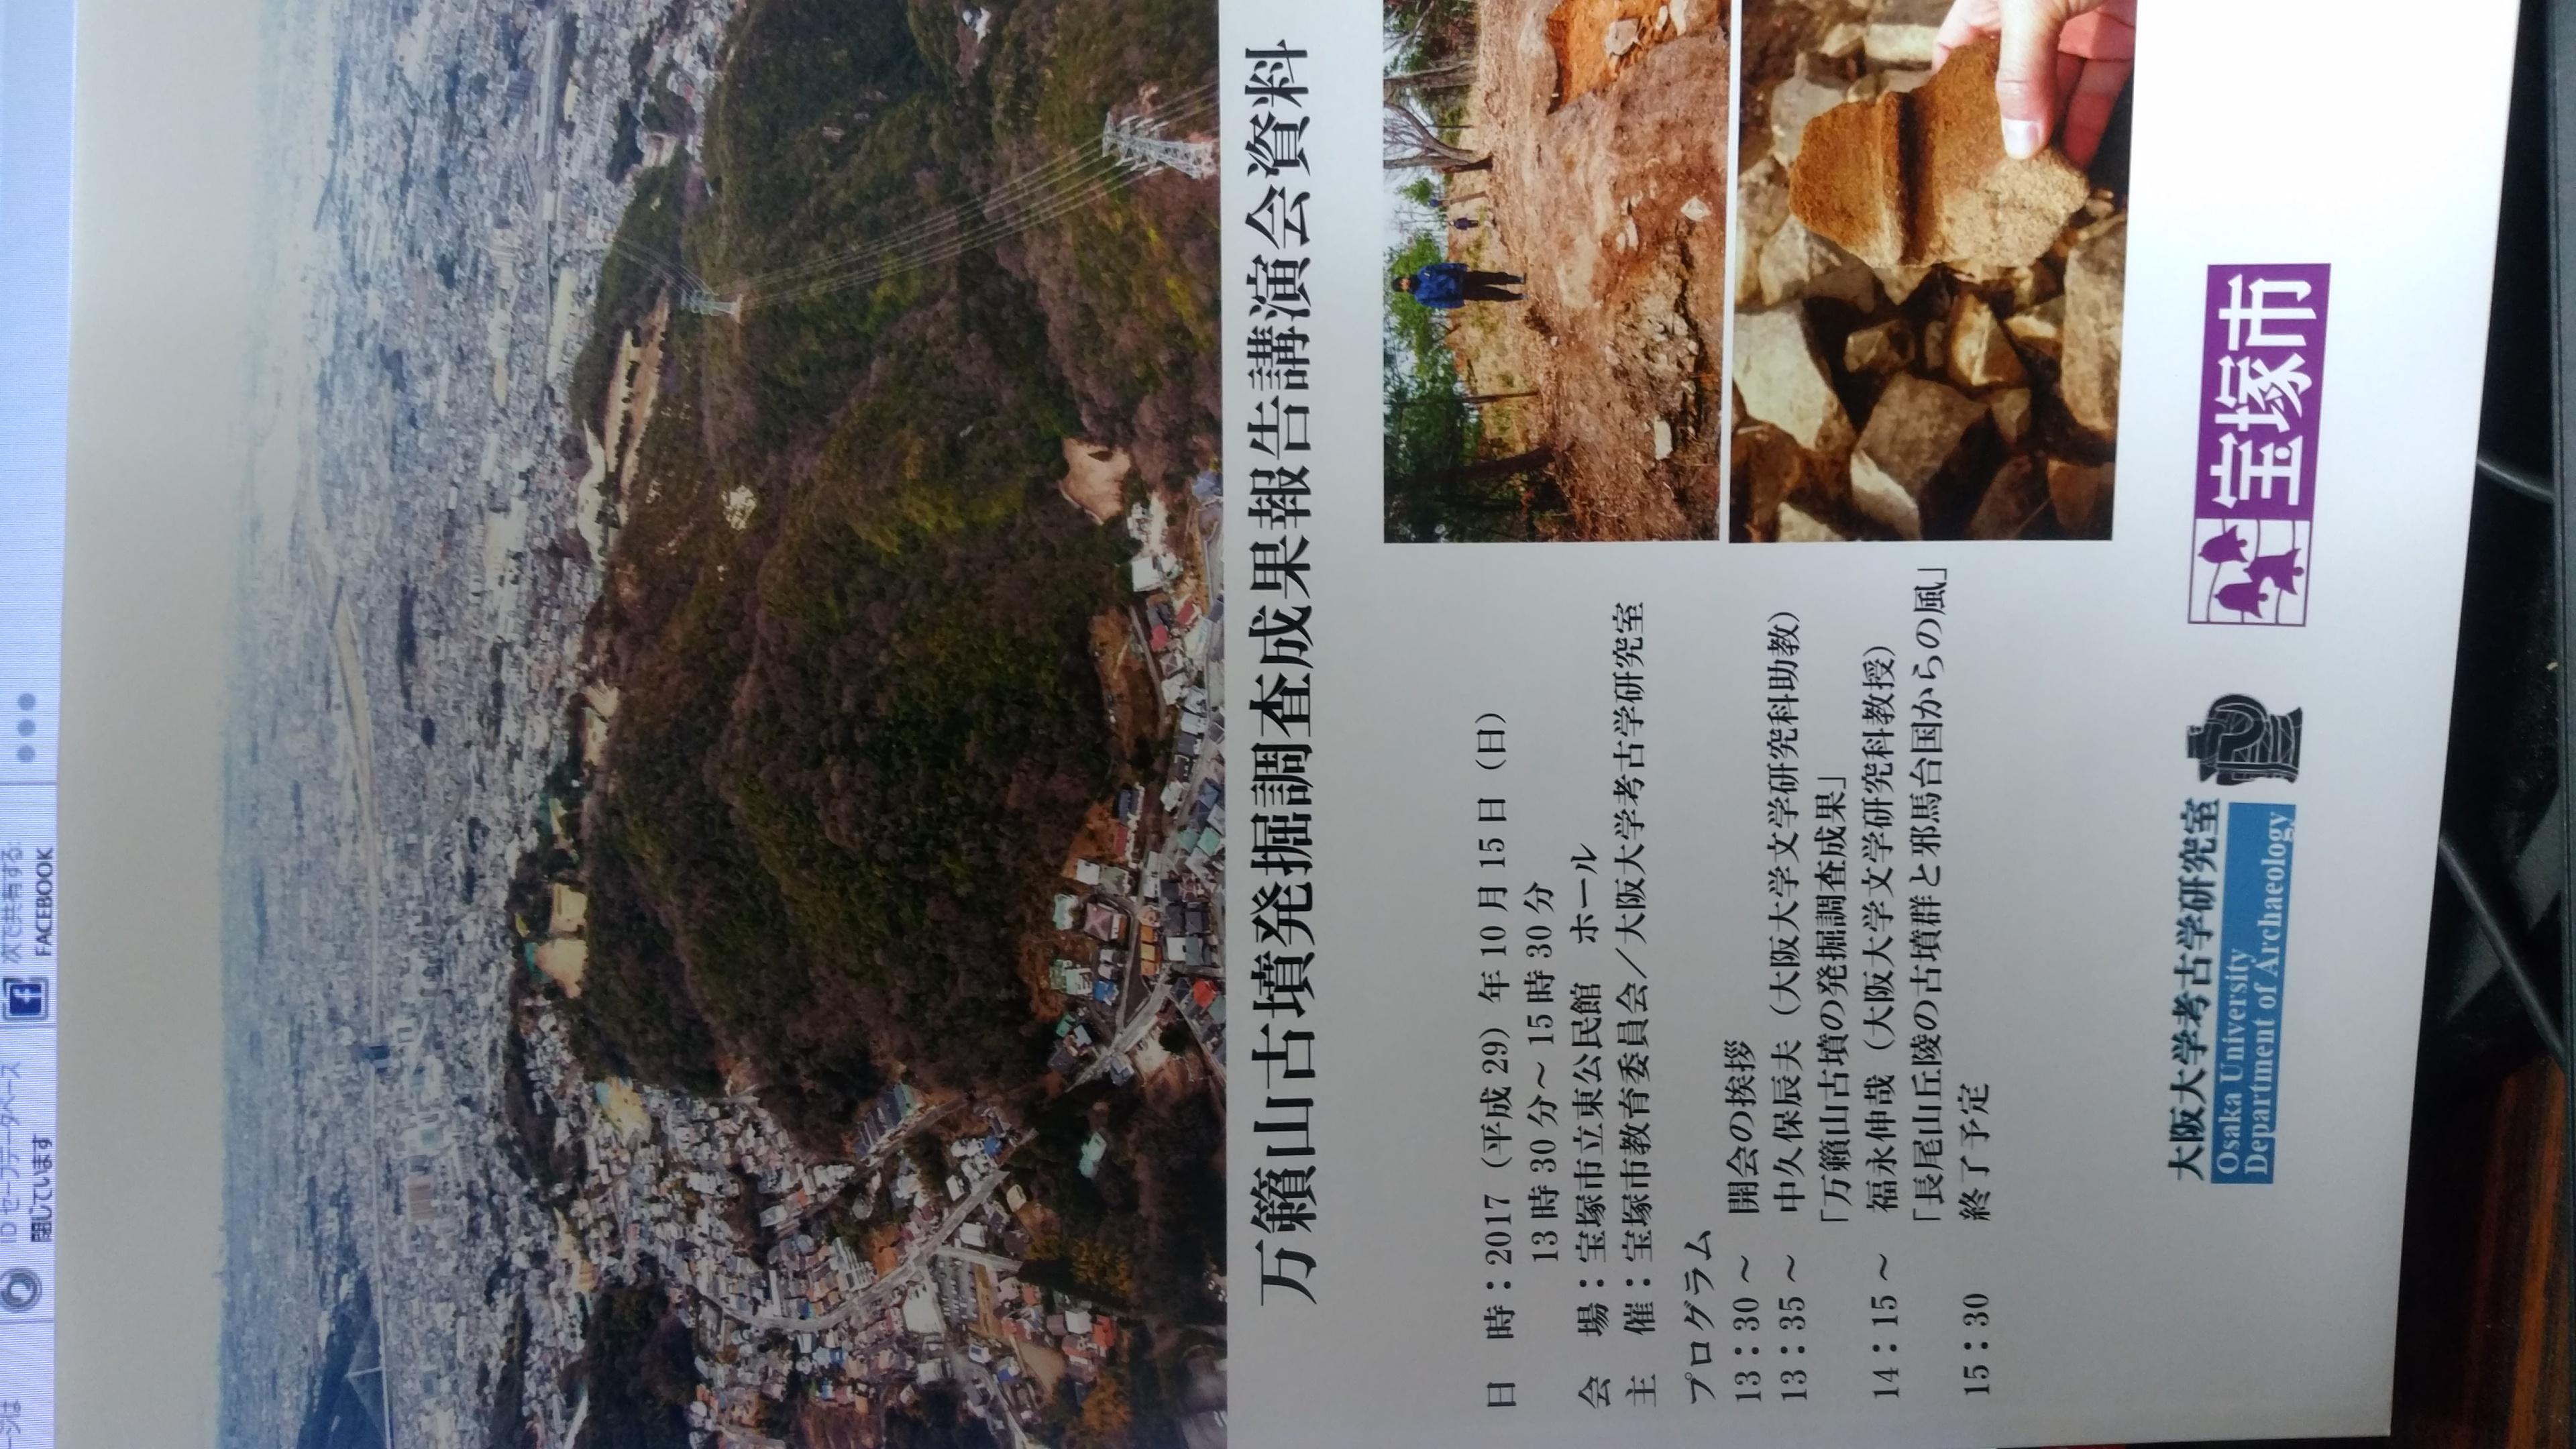 大阪大学考古学研究室様が実際にイシダ印刷で印刷・製本した画像